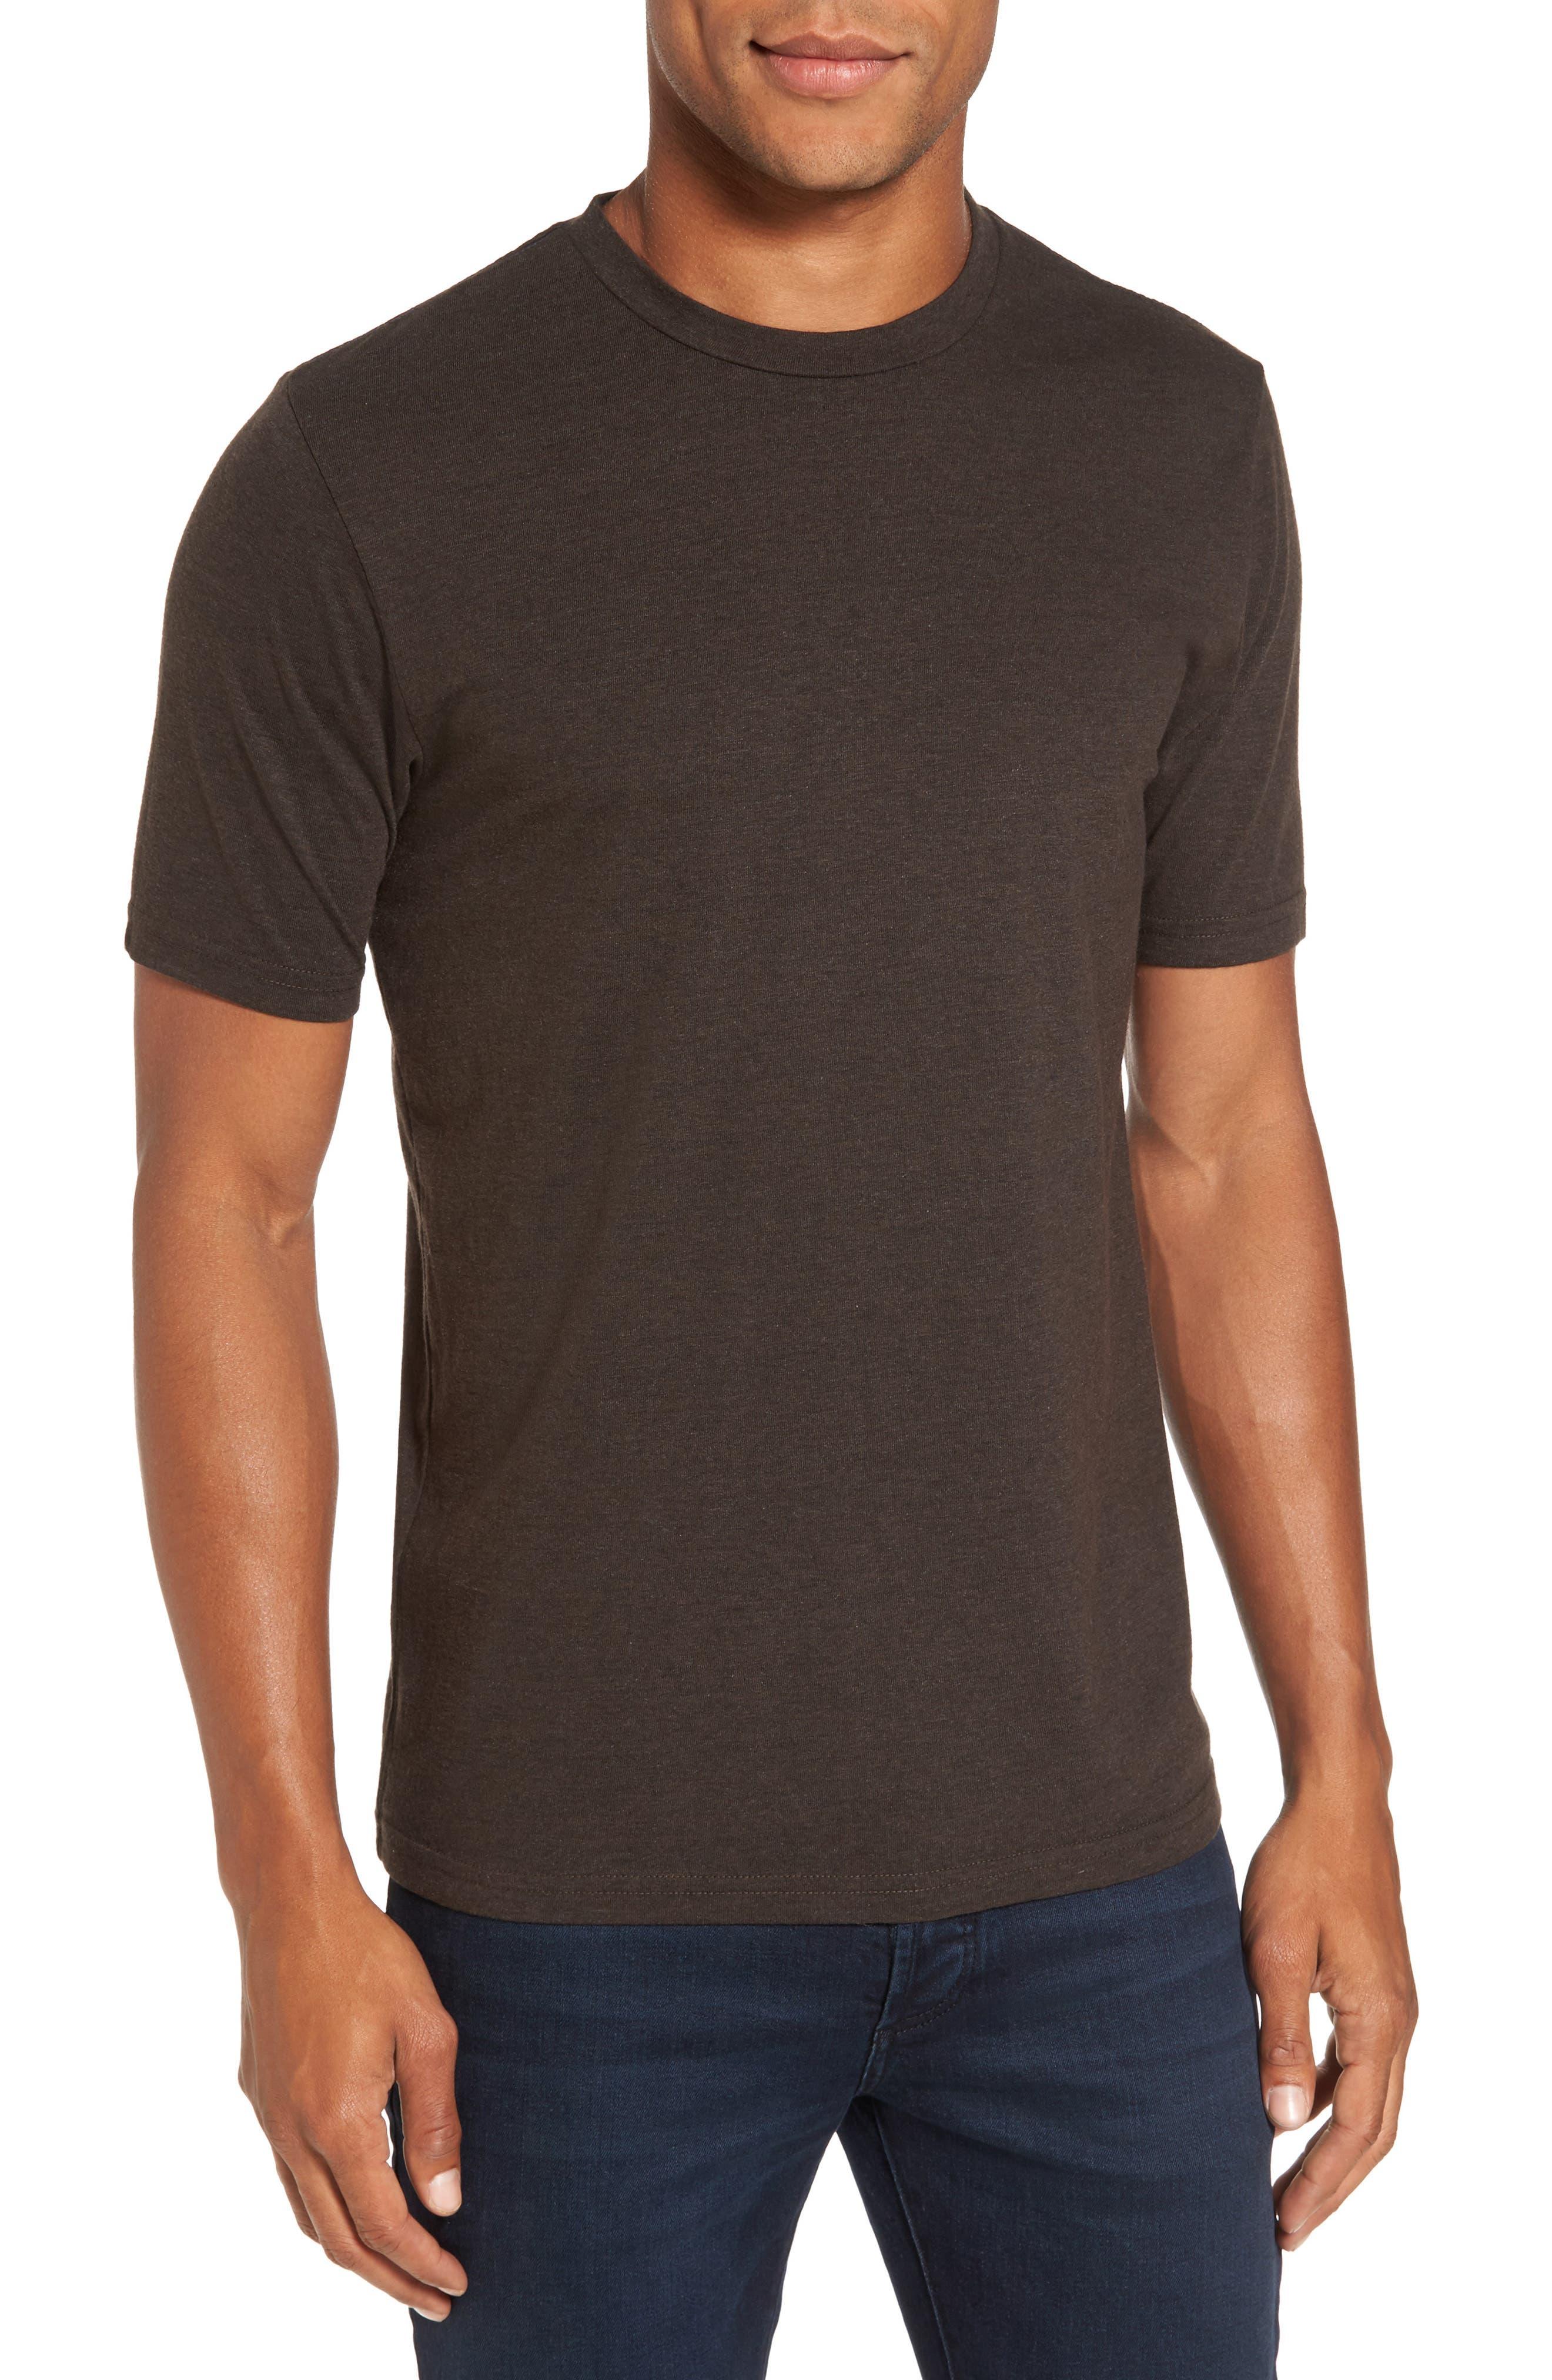 Main Image - Goodlife Crewneck Heathered T-Shirt